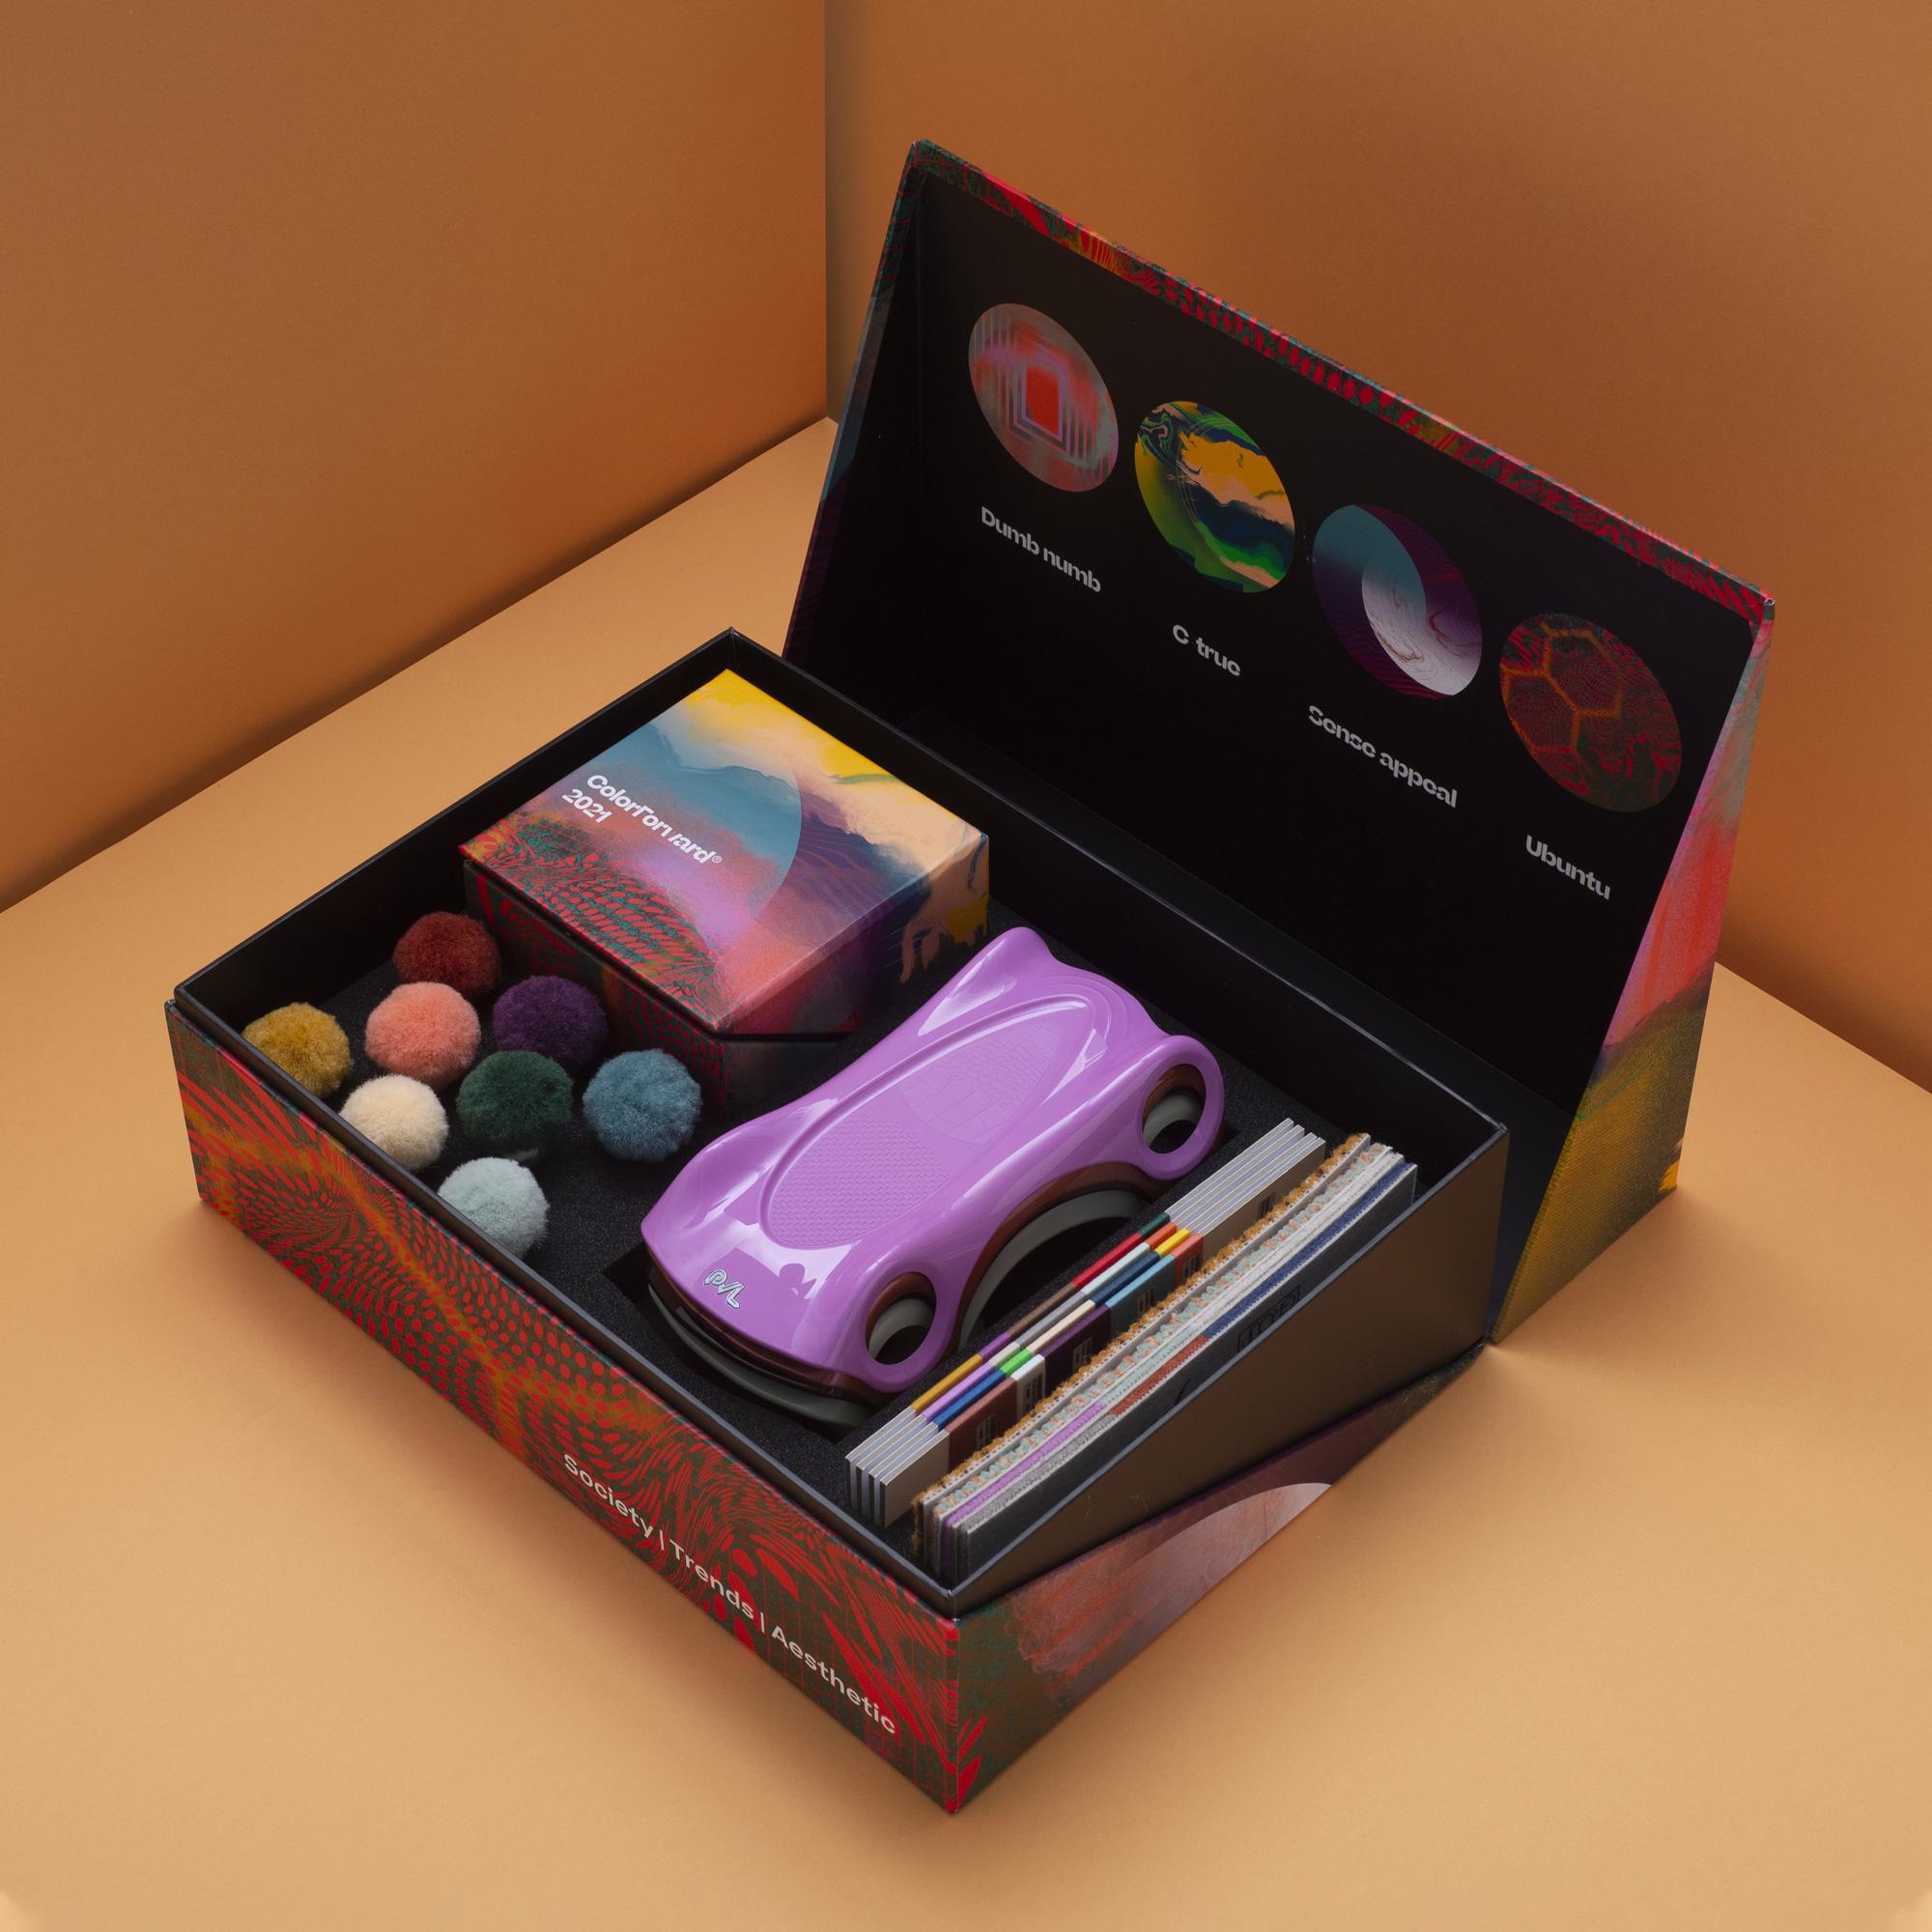 2-Clariant-box-4342-feed